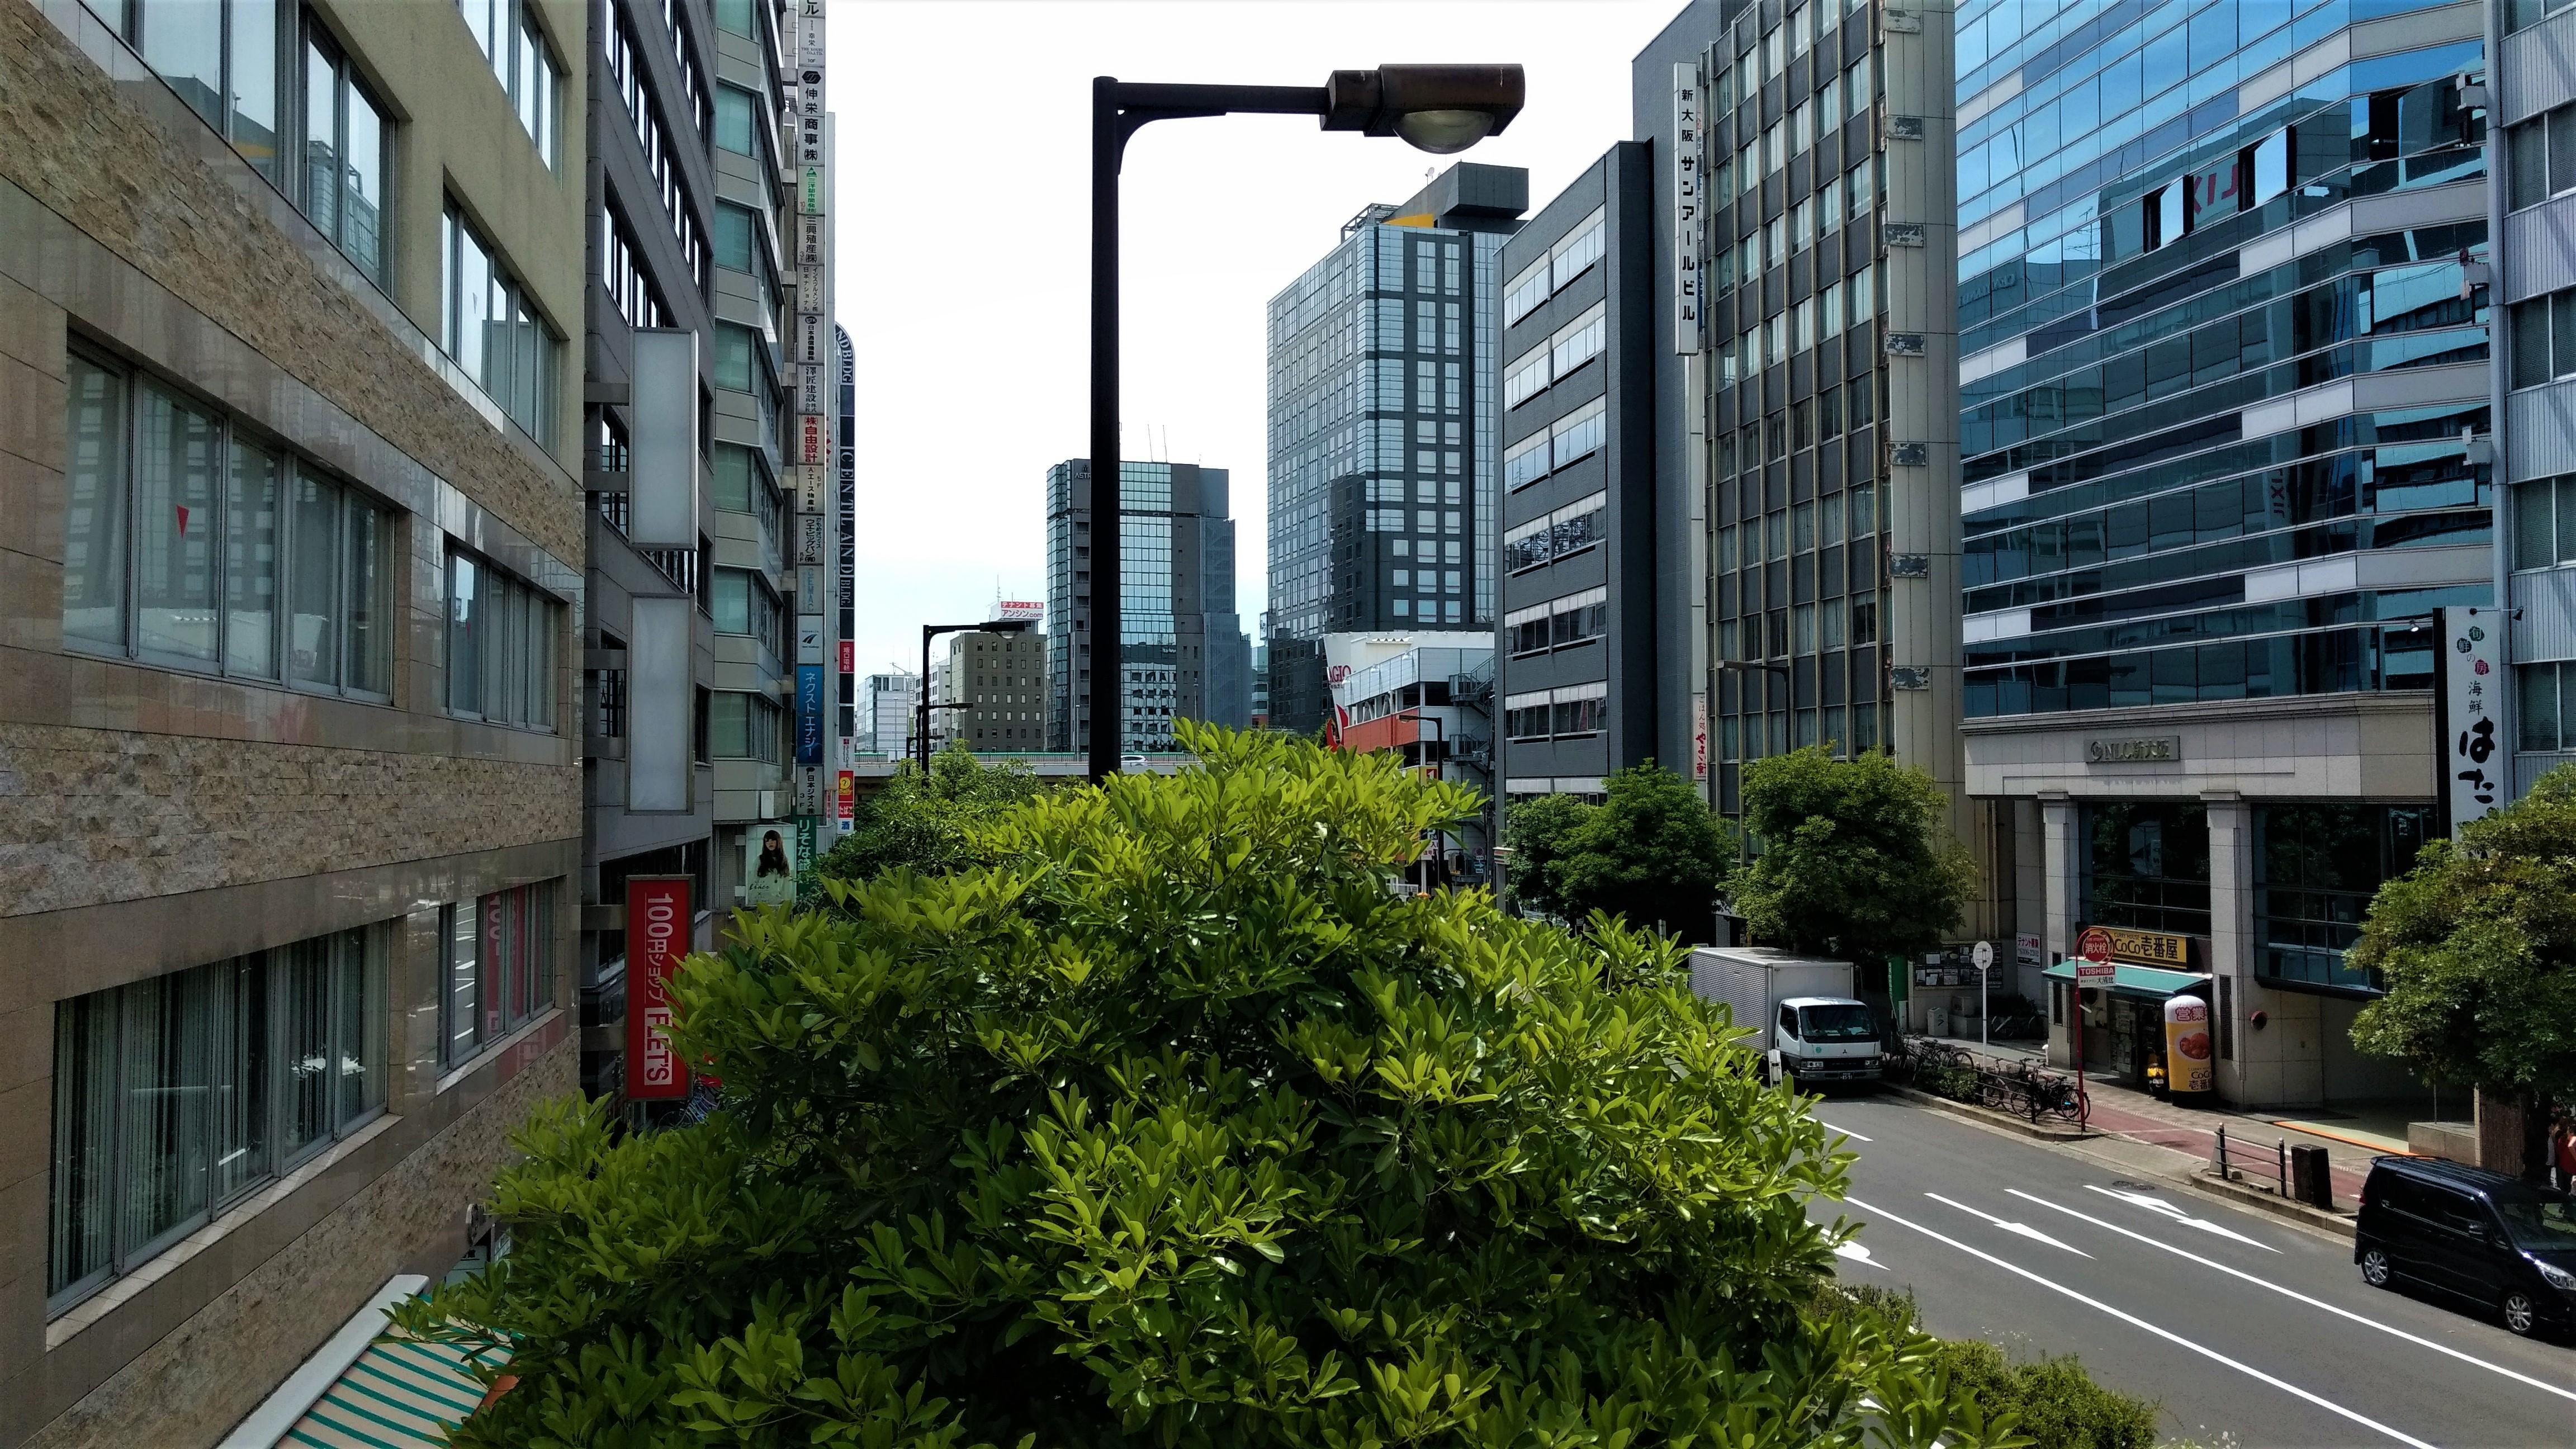 大阪の玄関口 新大阪駅周辺は一体どんな街なのか